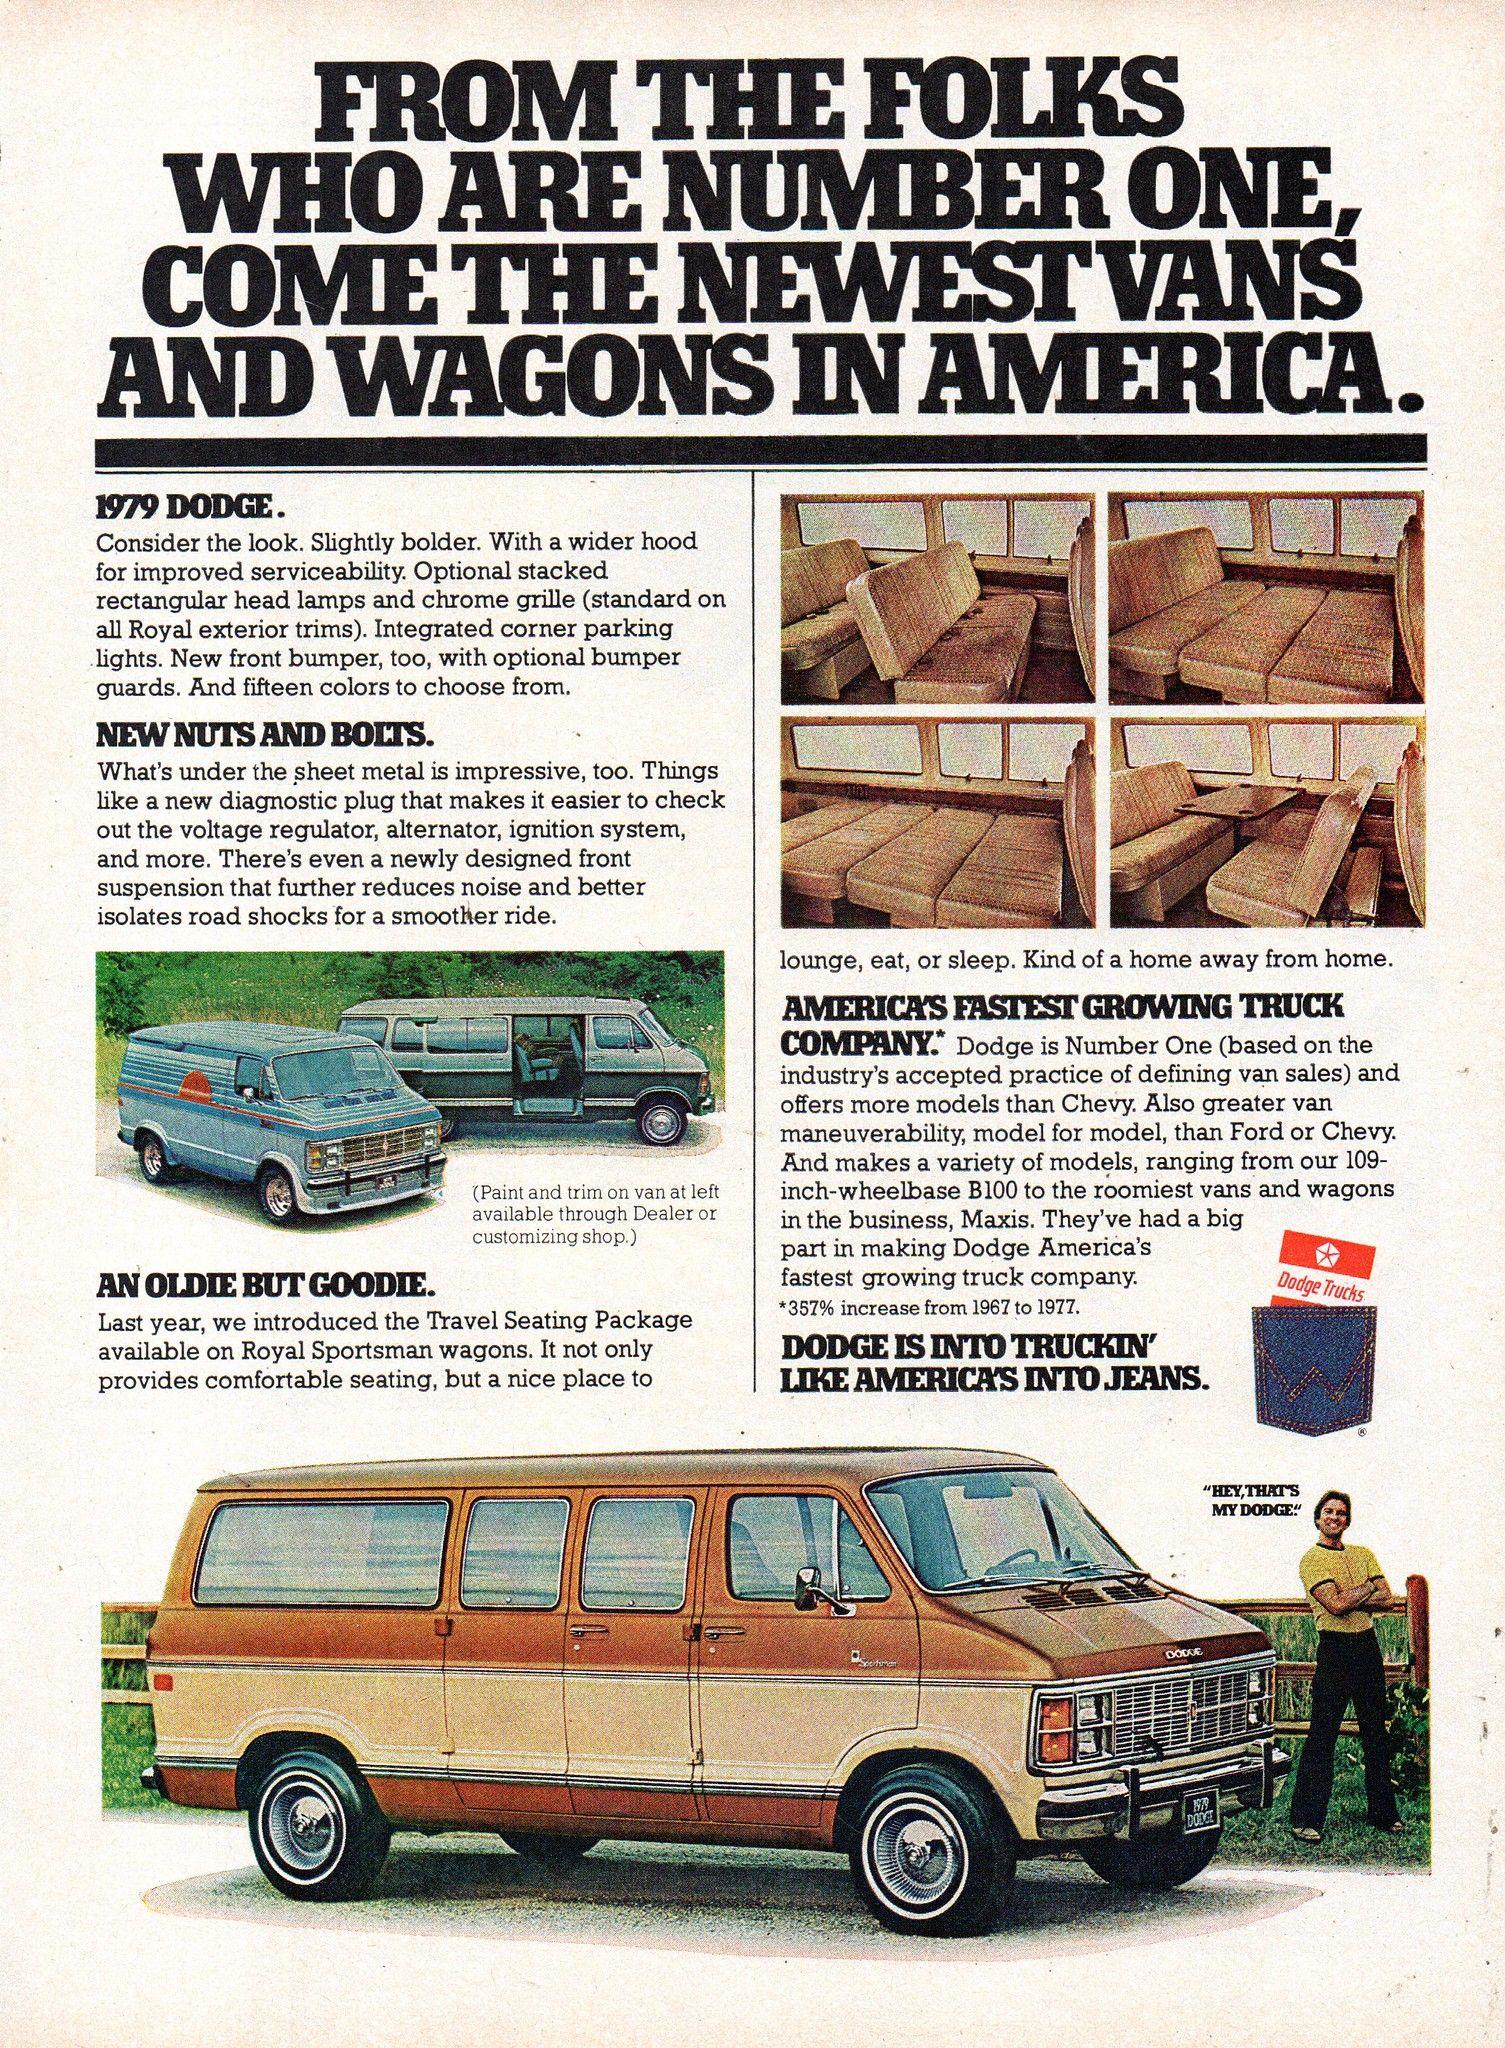 Ramcharger Ram Dakota Van Cargo 1989 Dodge Truck Original Sales Brochure